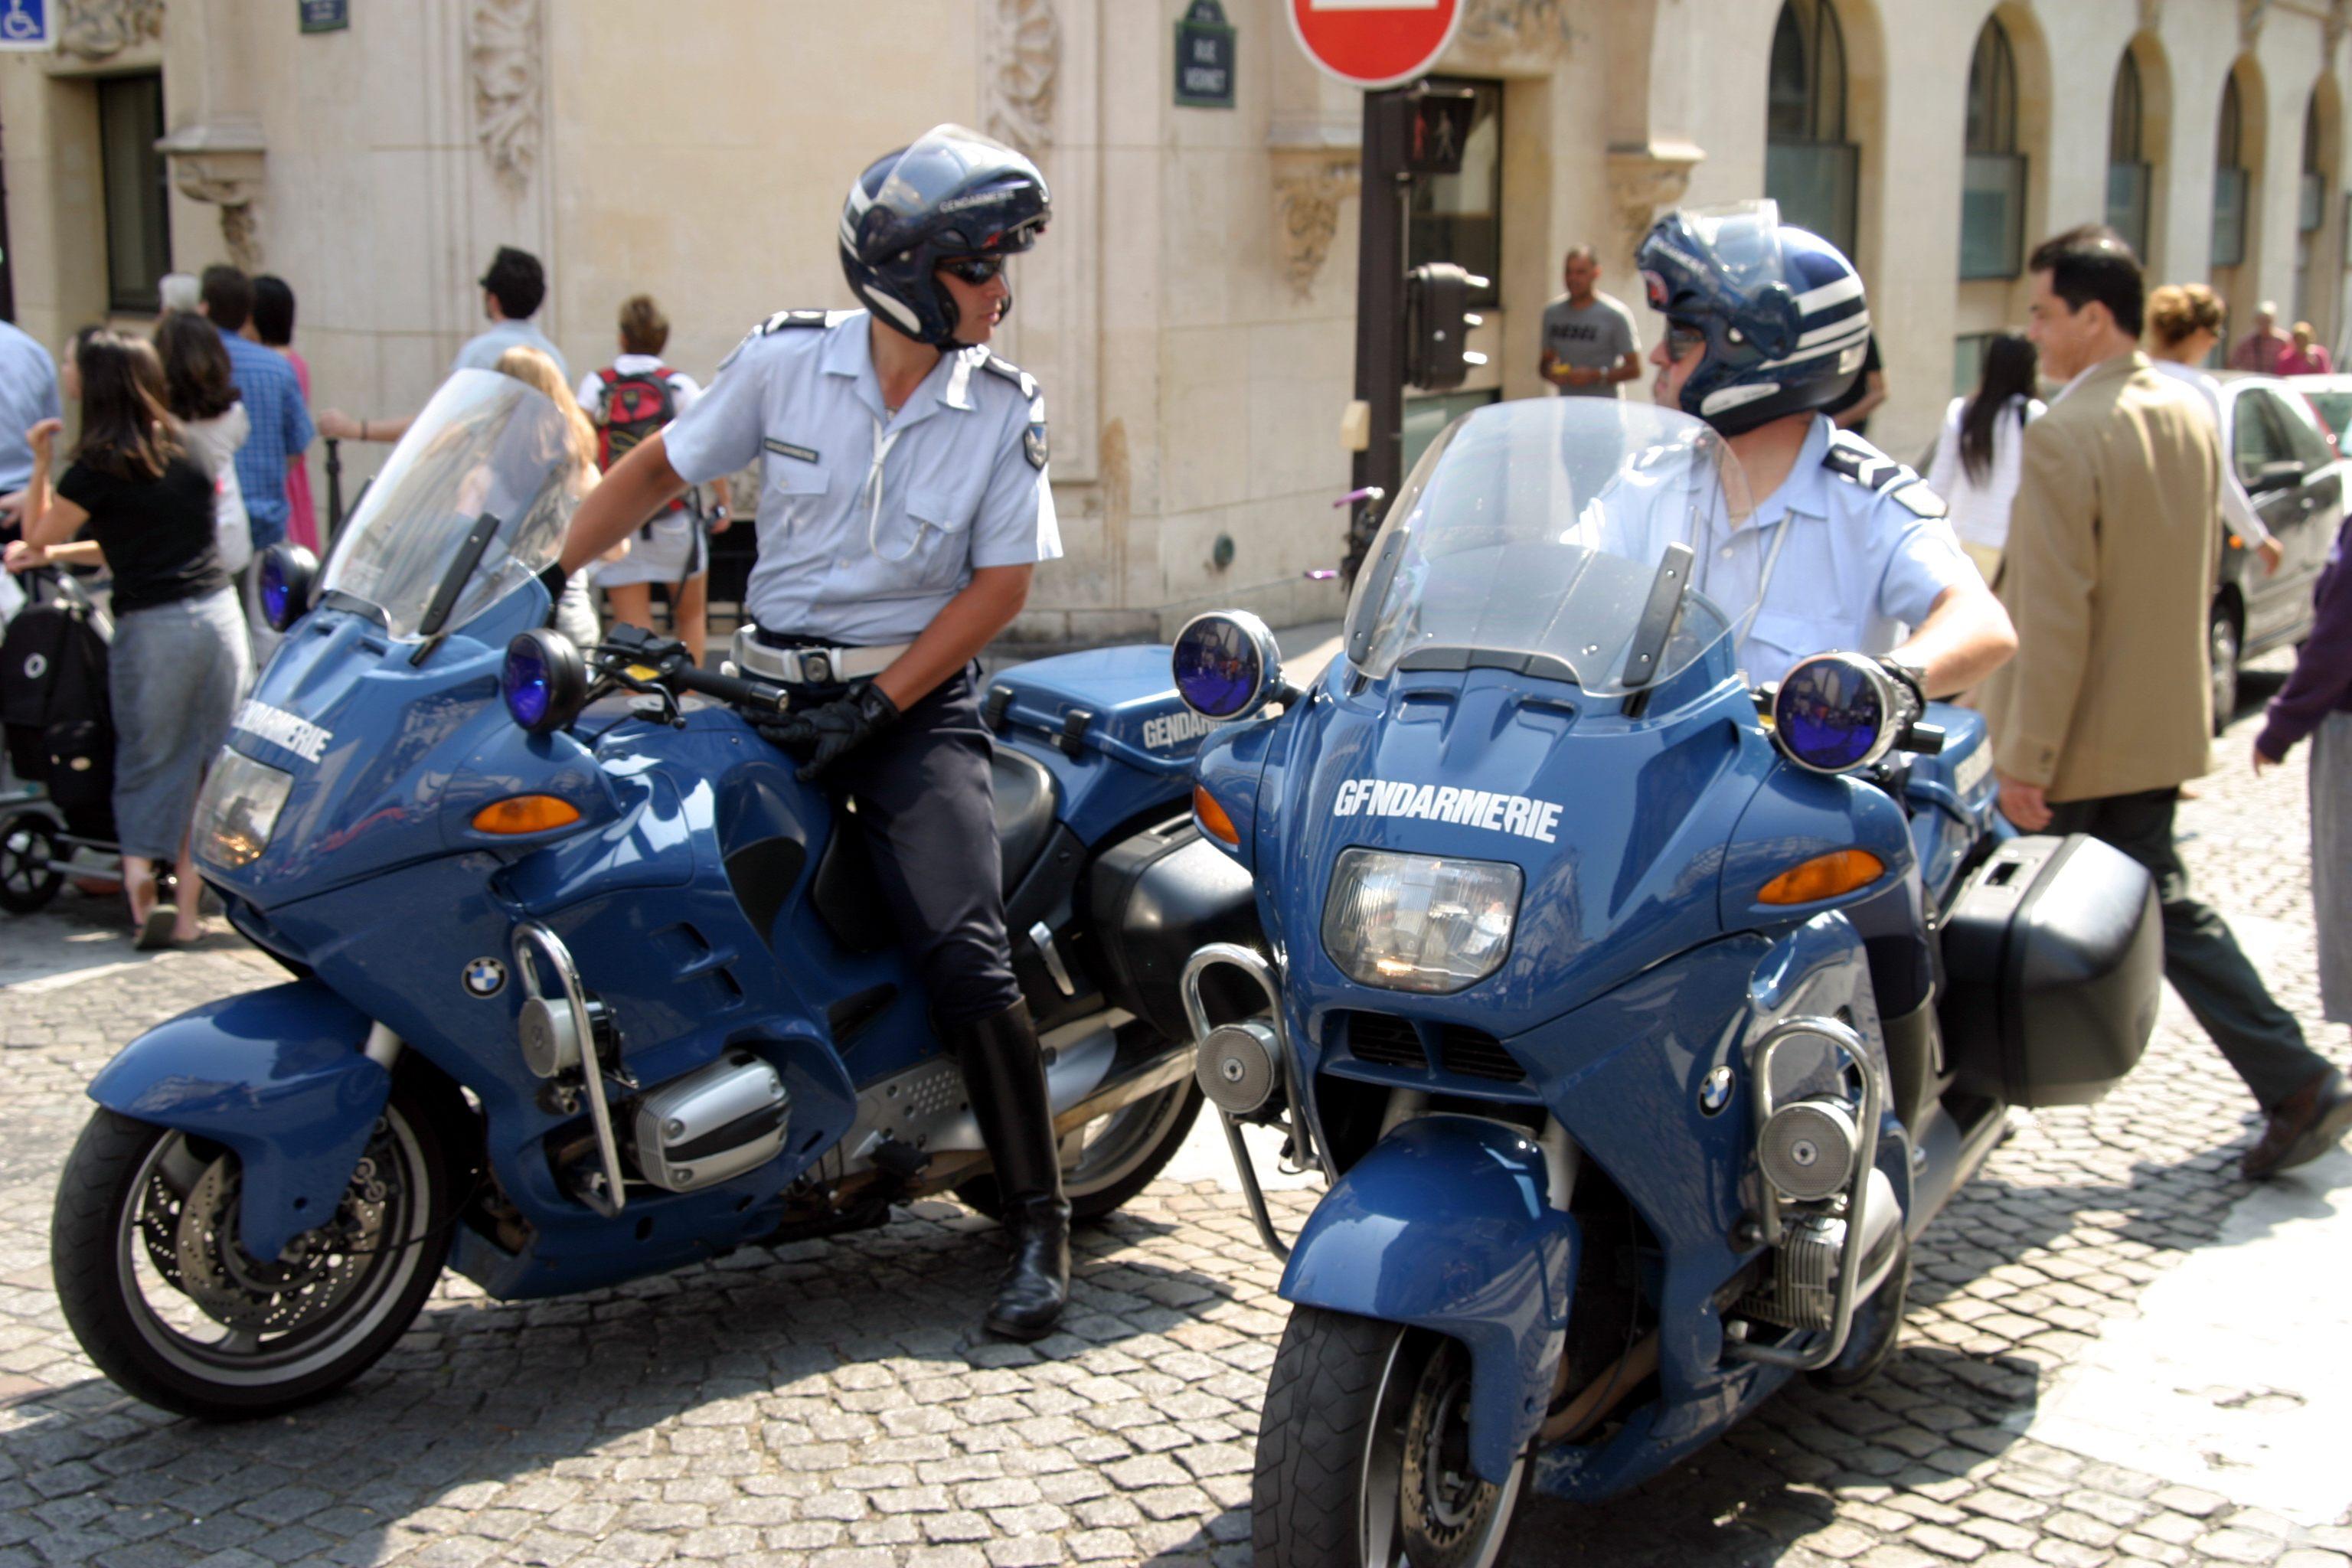 Gendarmerie-IMG 1625